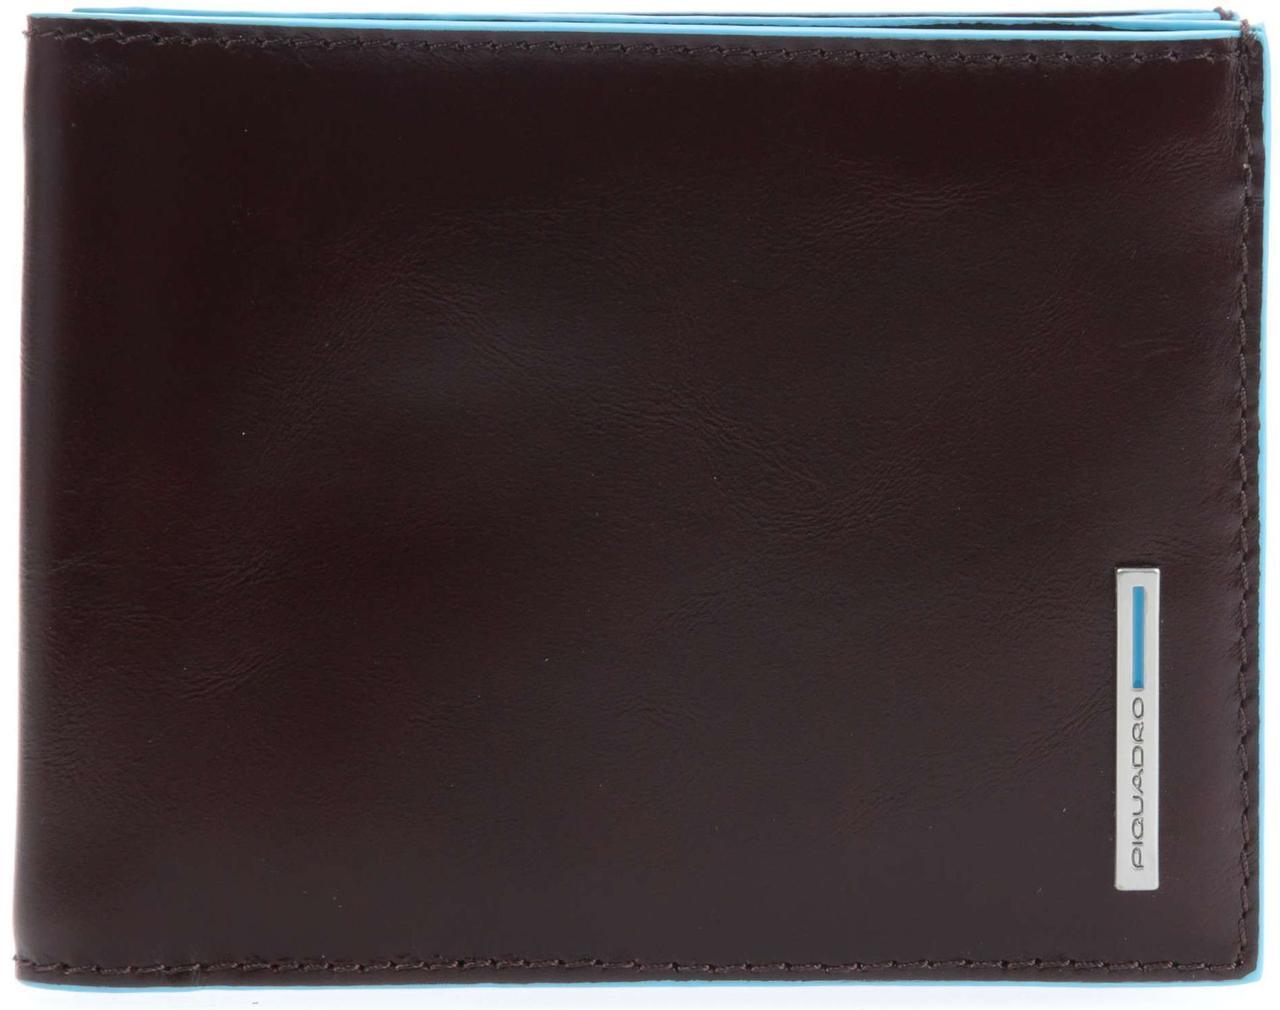 Портмоне Piquadro Blue Square 12,5x9,5x2см. с отделением для монет PU1239B2_MO коричневый